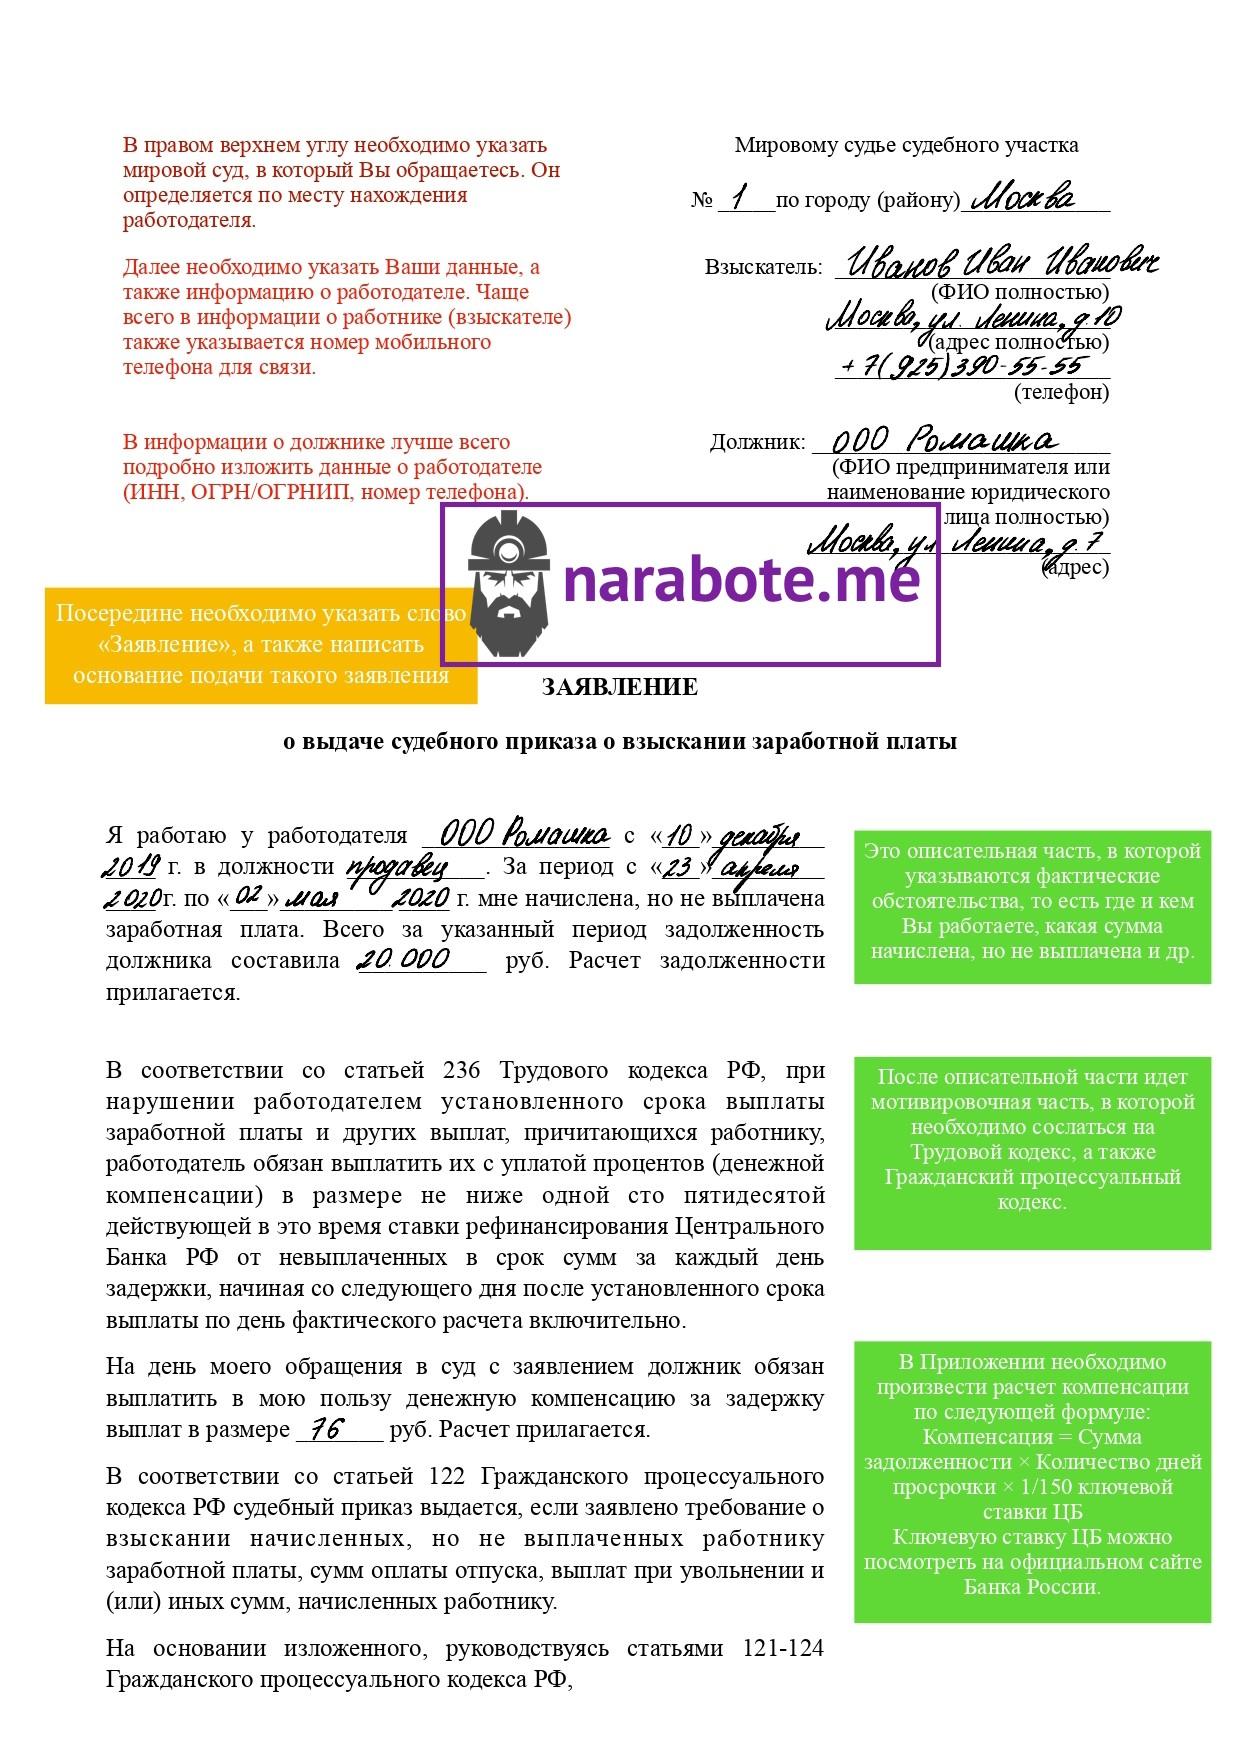 Заявление о выдаче судебного приказа о взыскании заработной платы (стр. 1)